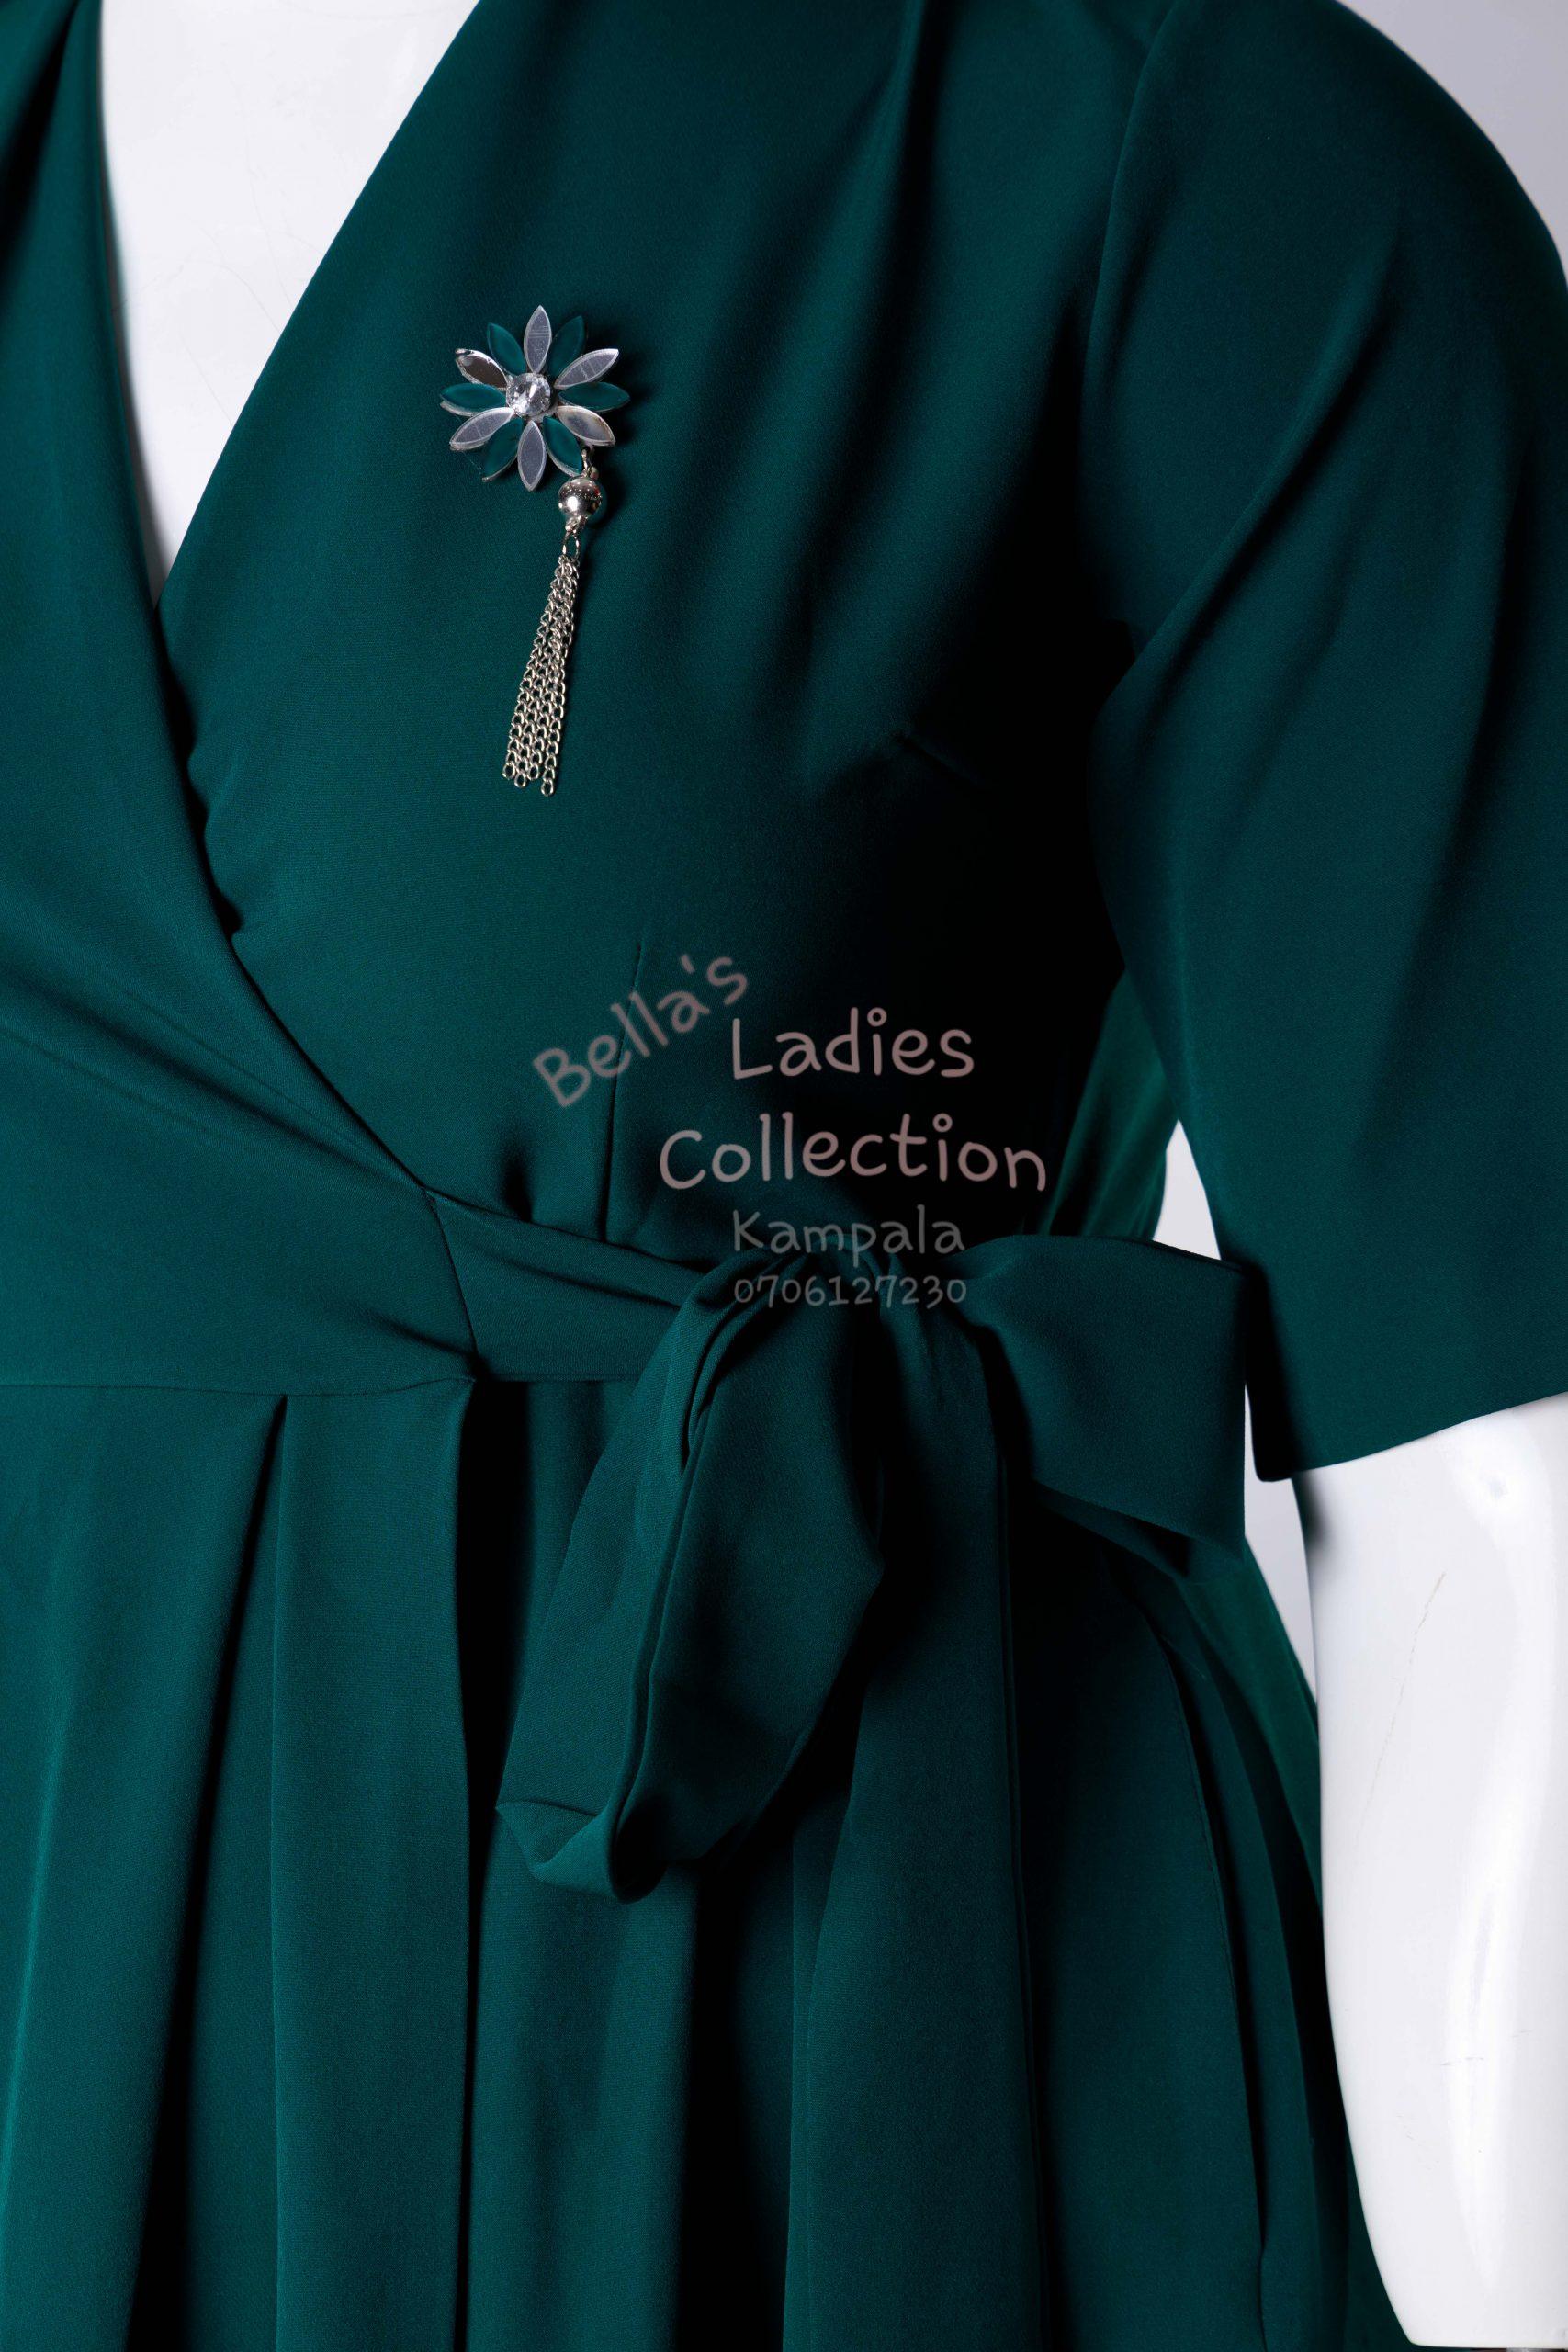 Ladies Dresses Kampala